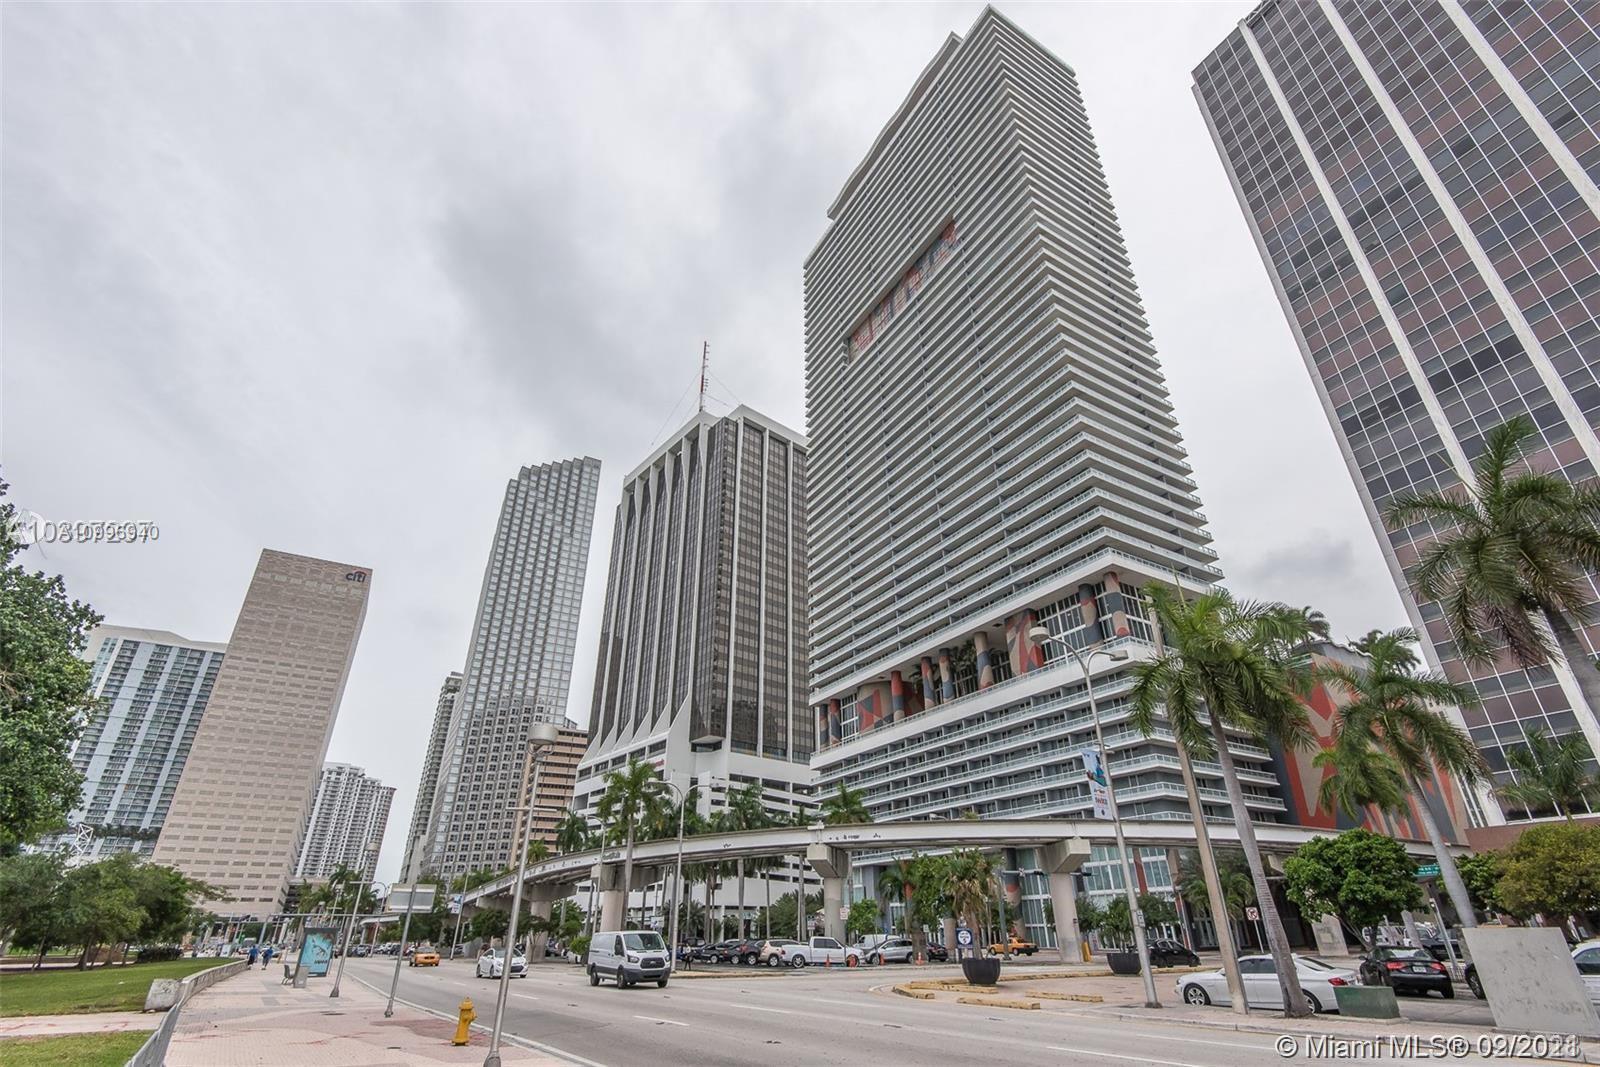 50 Biscayne #4305 - 50 BISCAYNE BLVD #4305, Miami, FL 33132